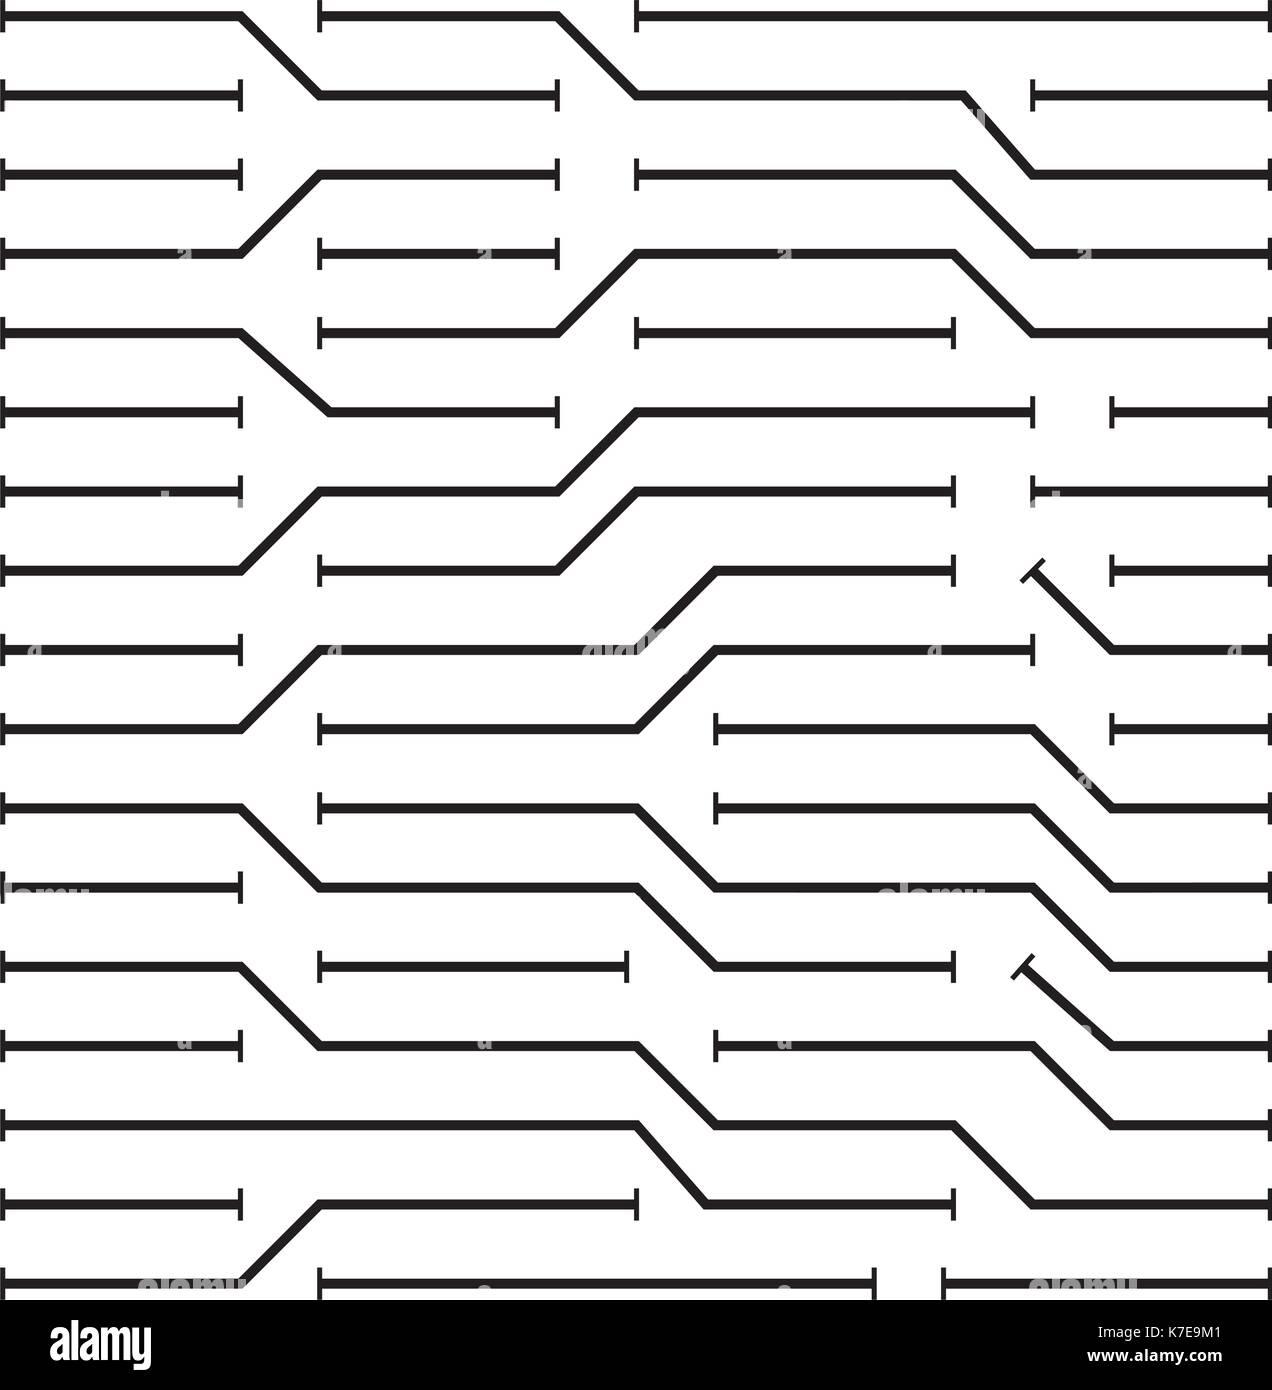 Ausgezeichnet Leiterplatte Textur Galerie - Der Schaltplan - greigo.com